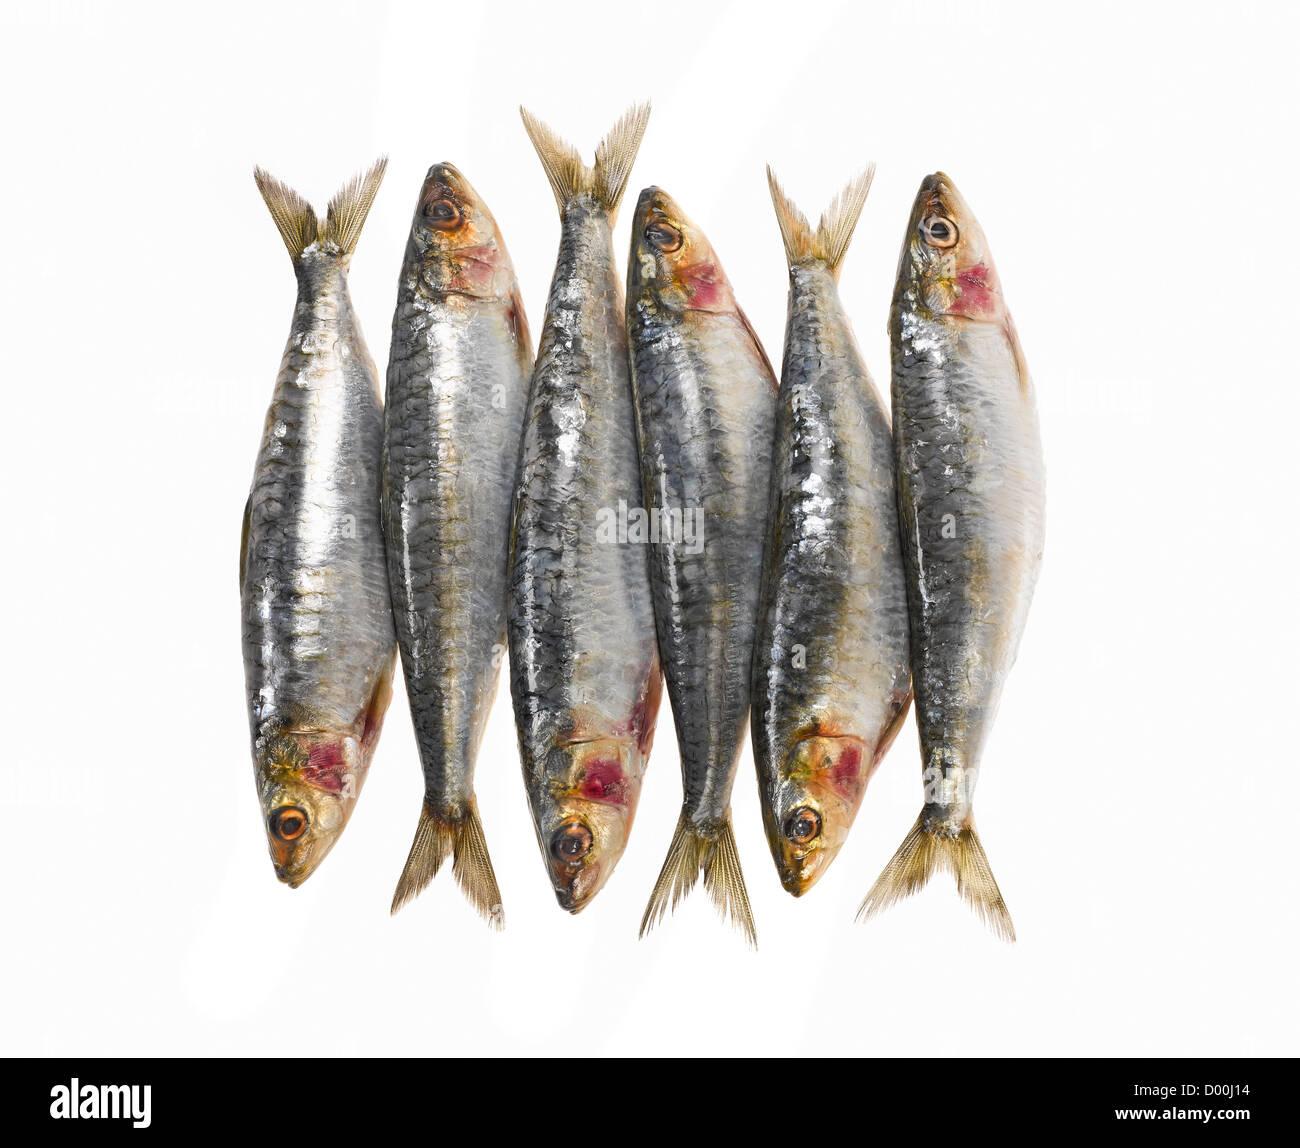 fresh whole sardines - Stock Image